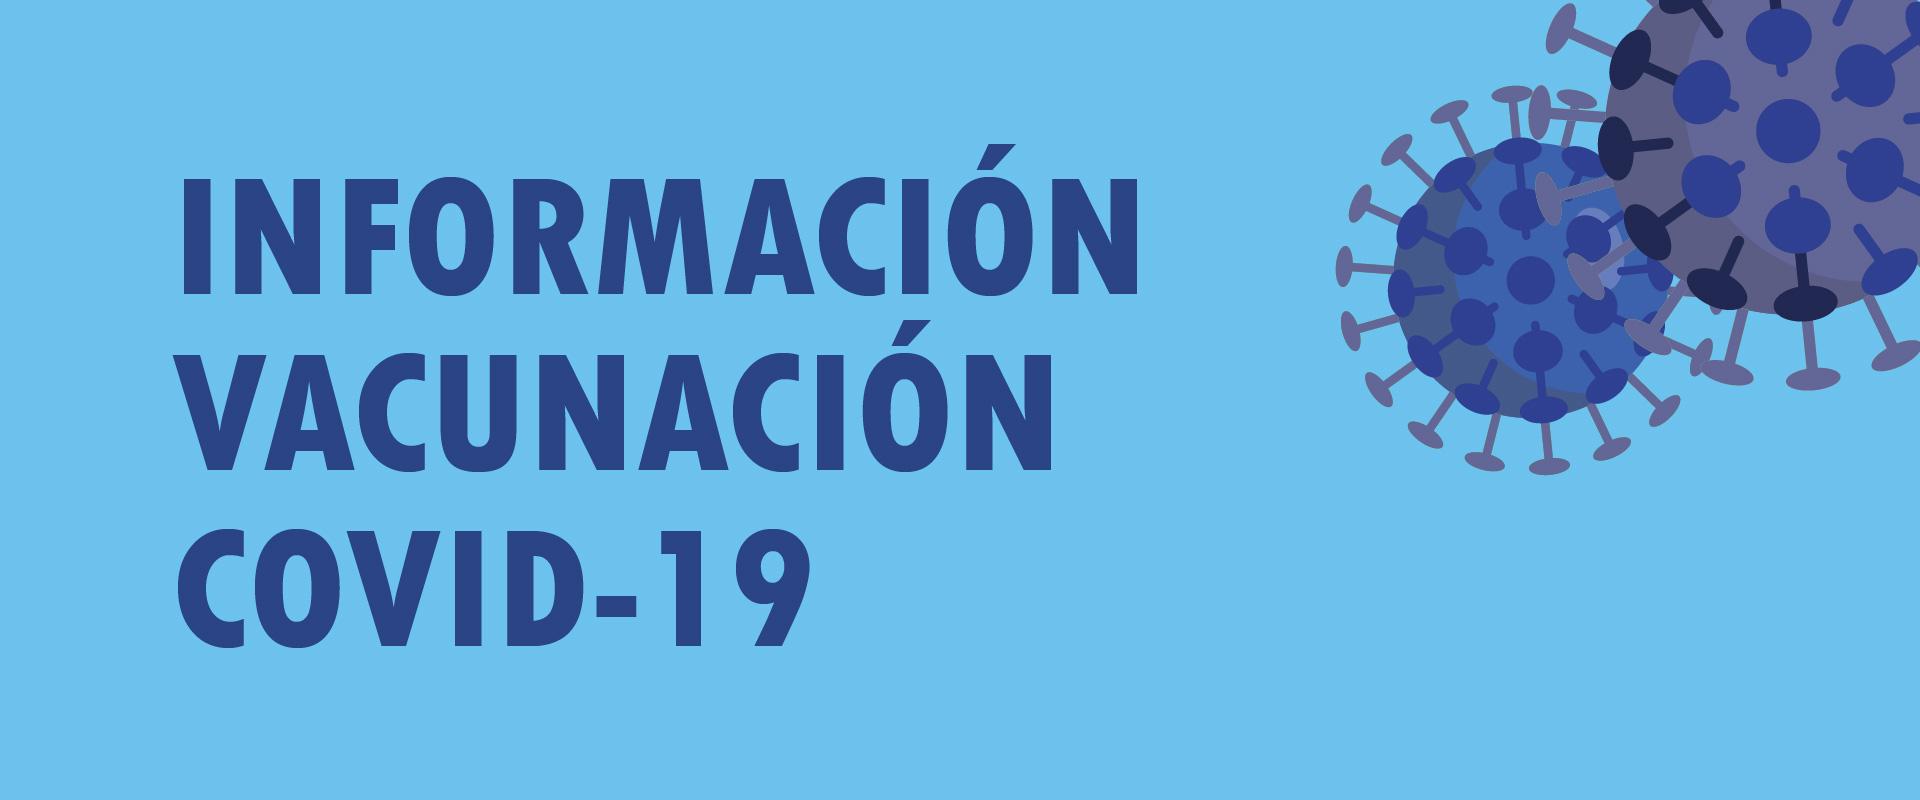 informacion-vacunacion-covid-19